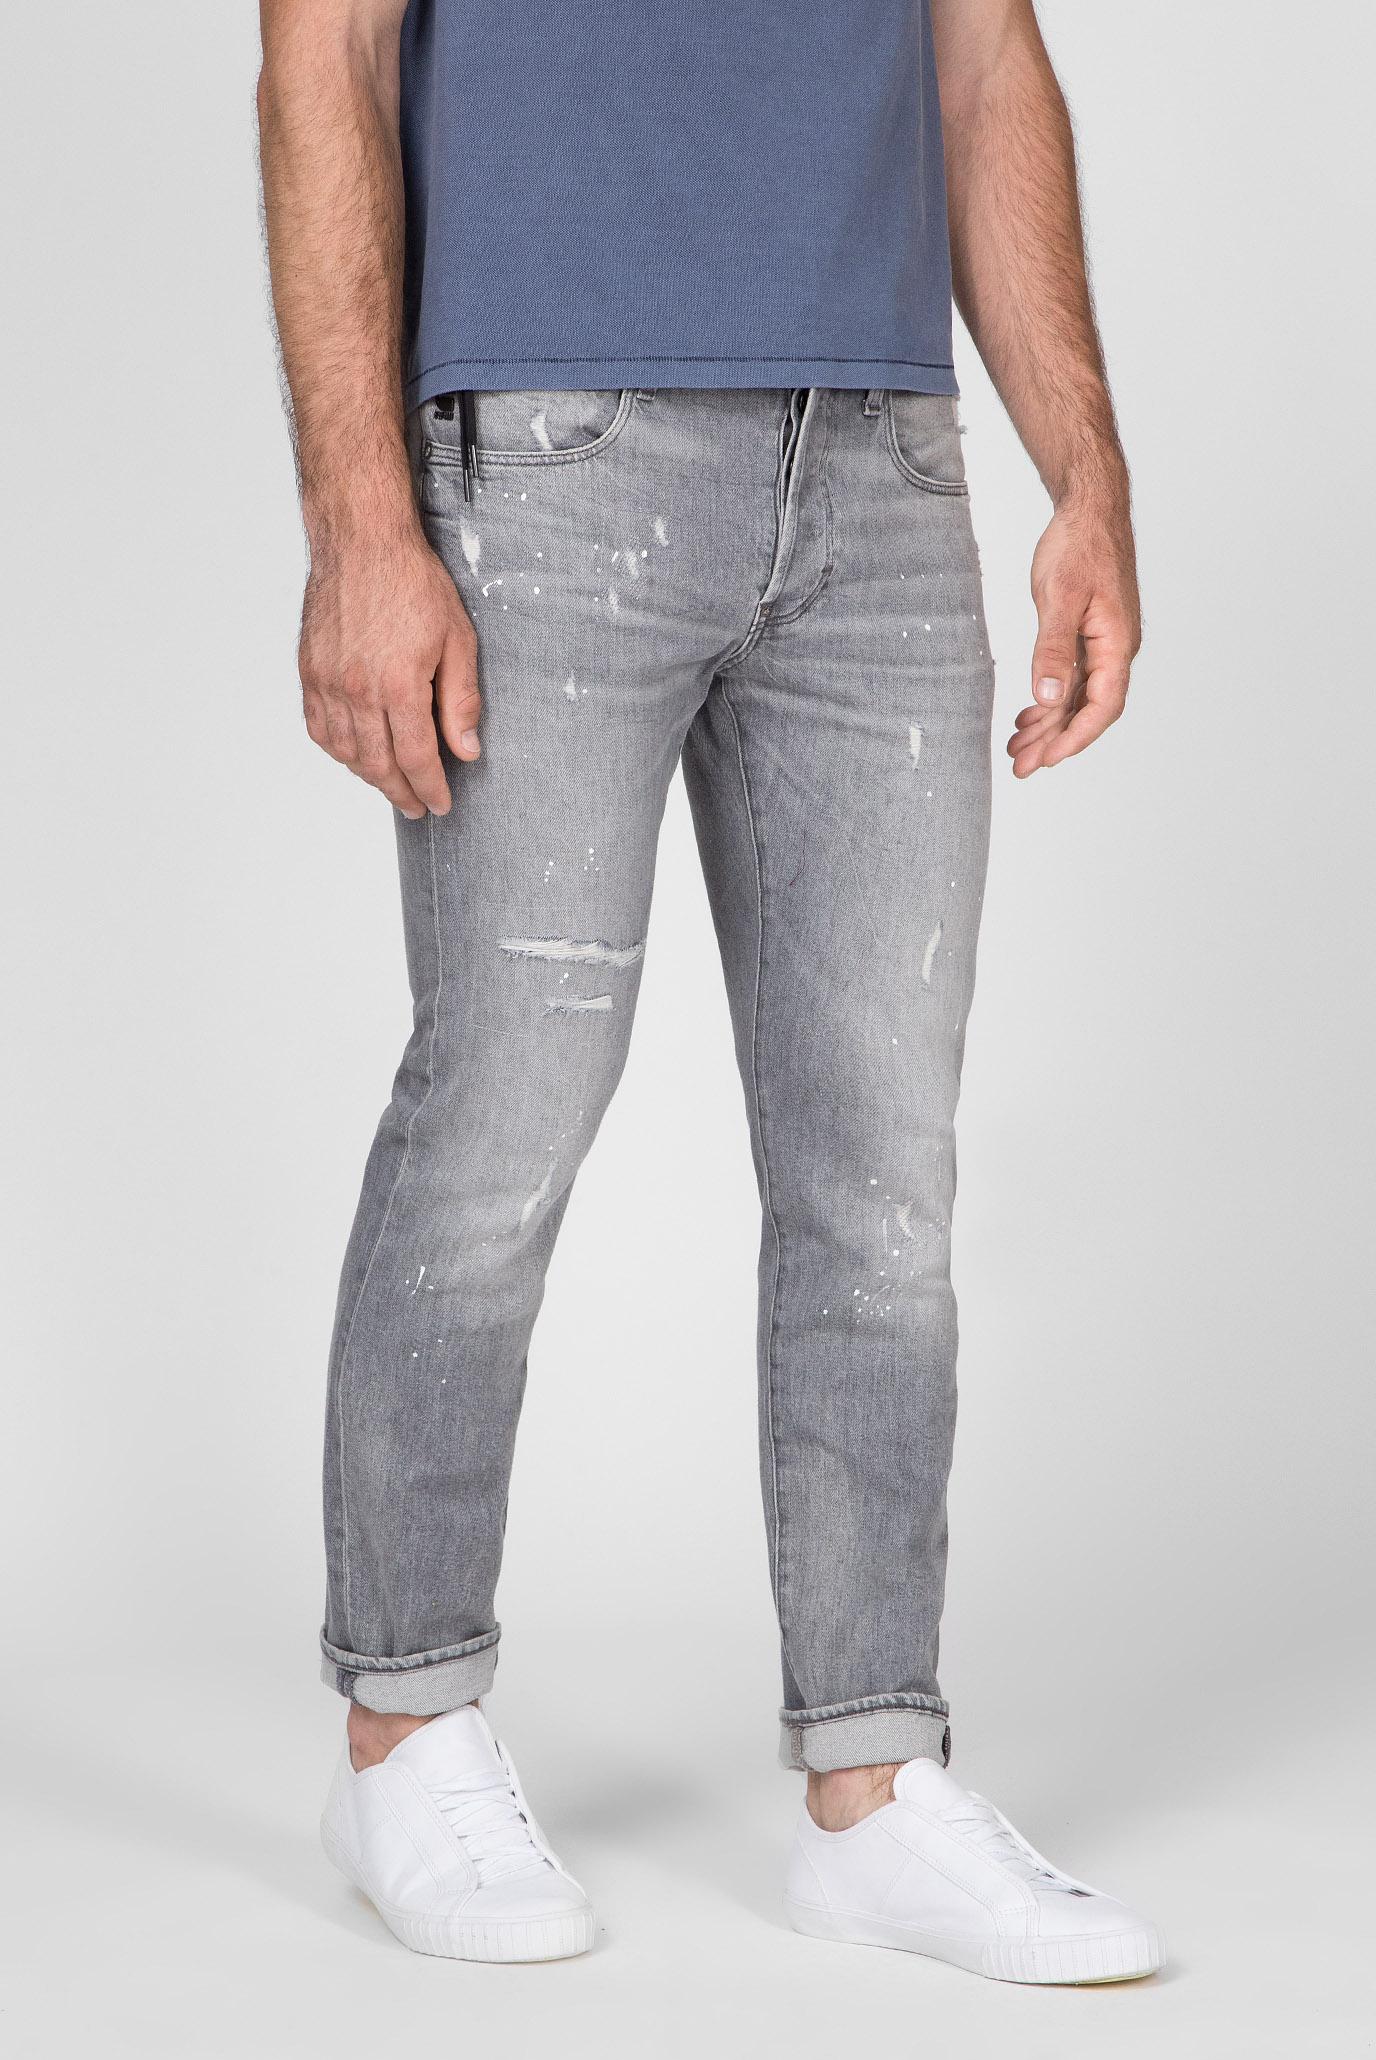 Купить Мужские серые джинсы 3301 Studs Slim G-Star RAW G-Star RAW D14339,9273 – Киев, Украина. Цены в интернет магазине MD Fashion